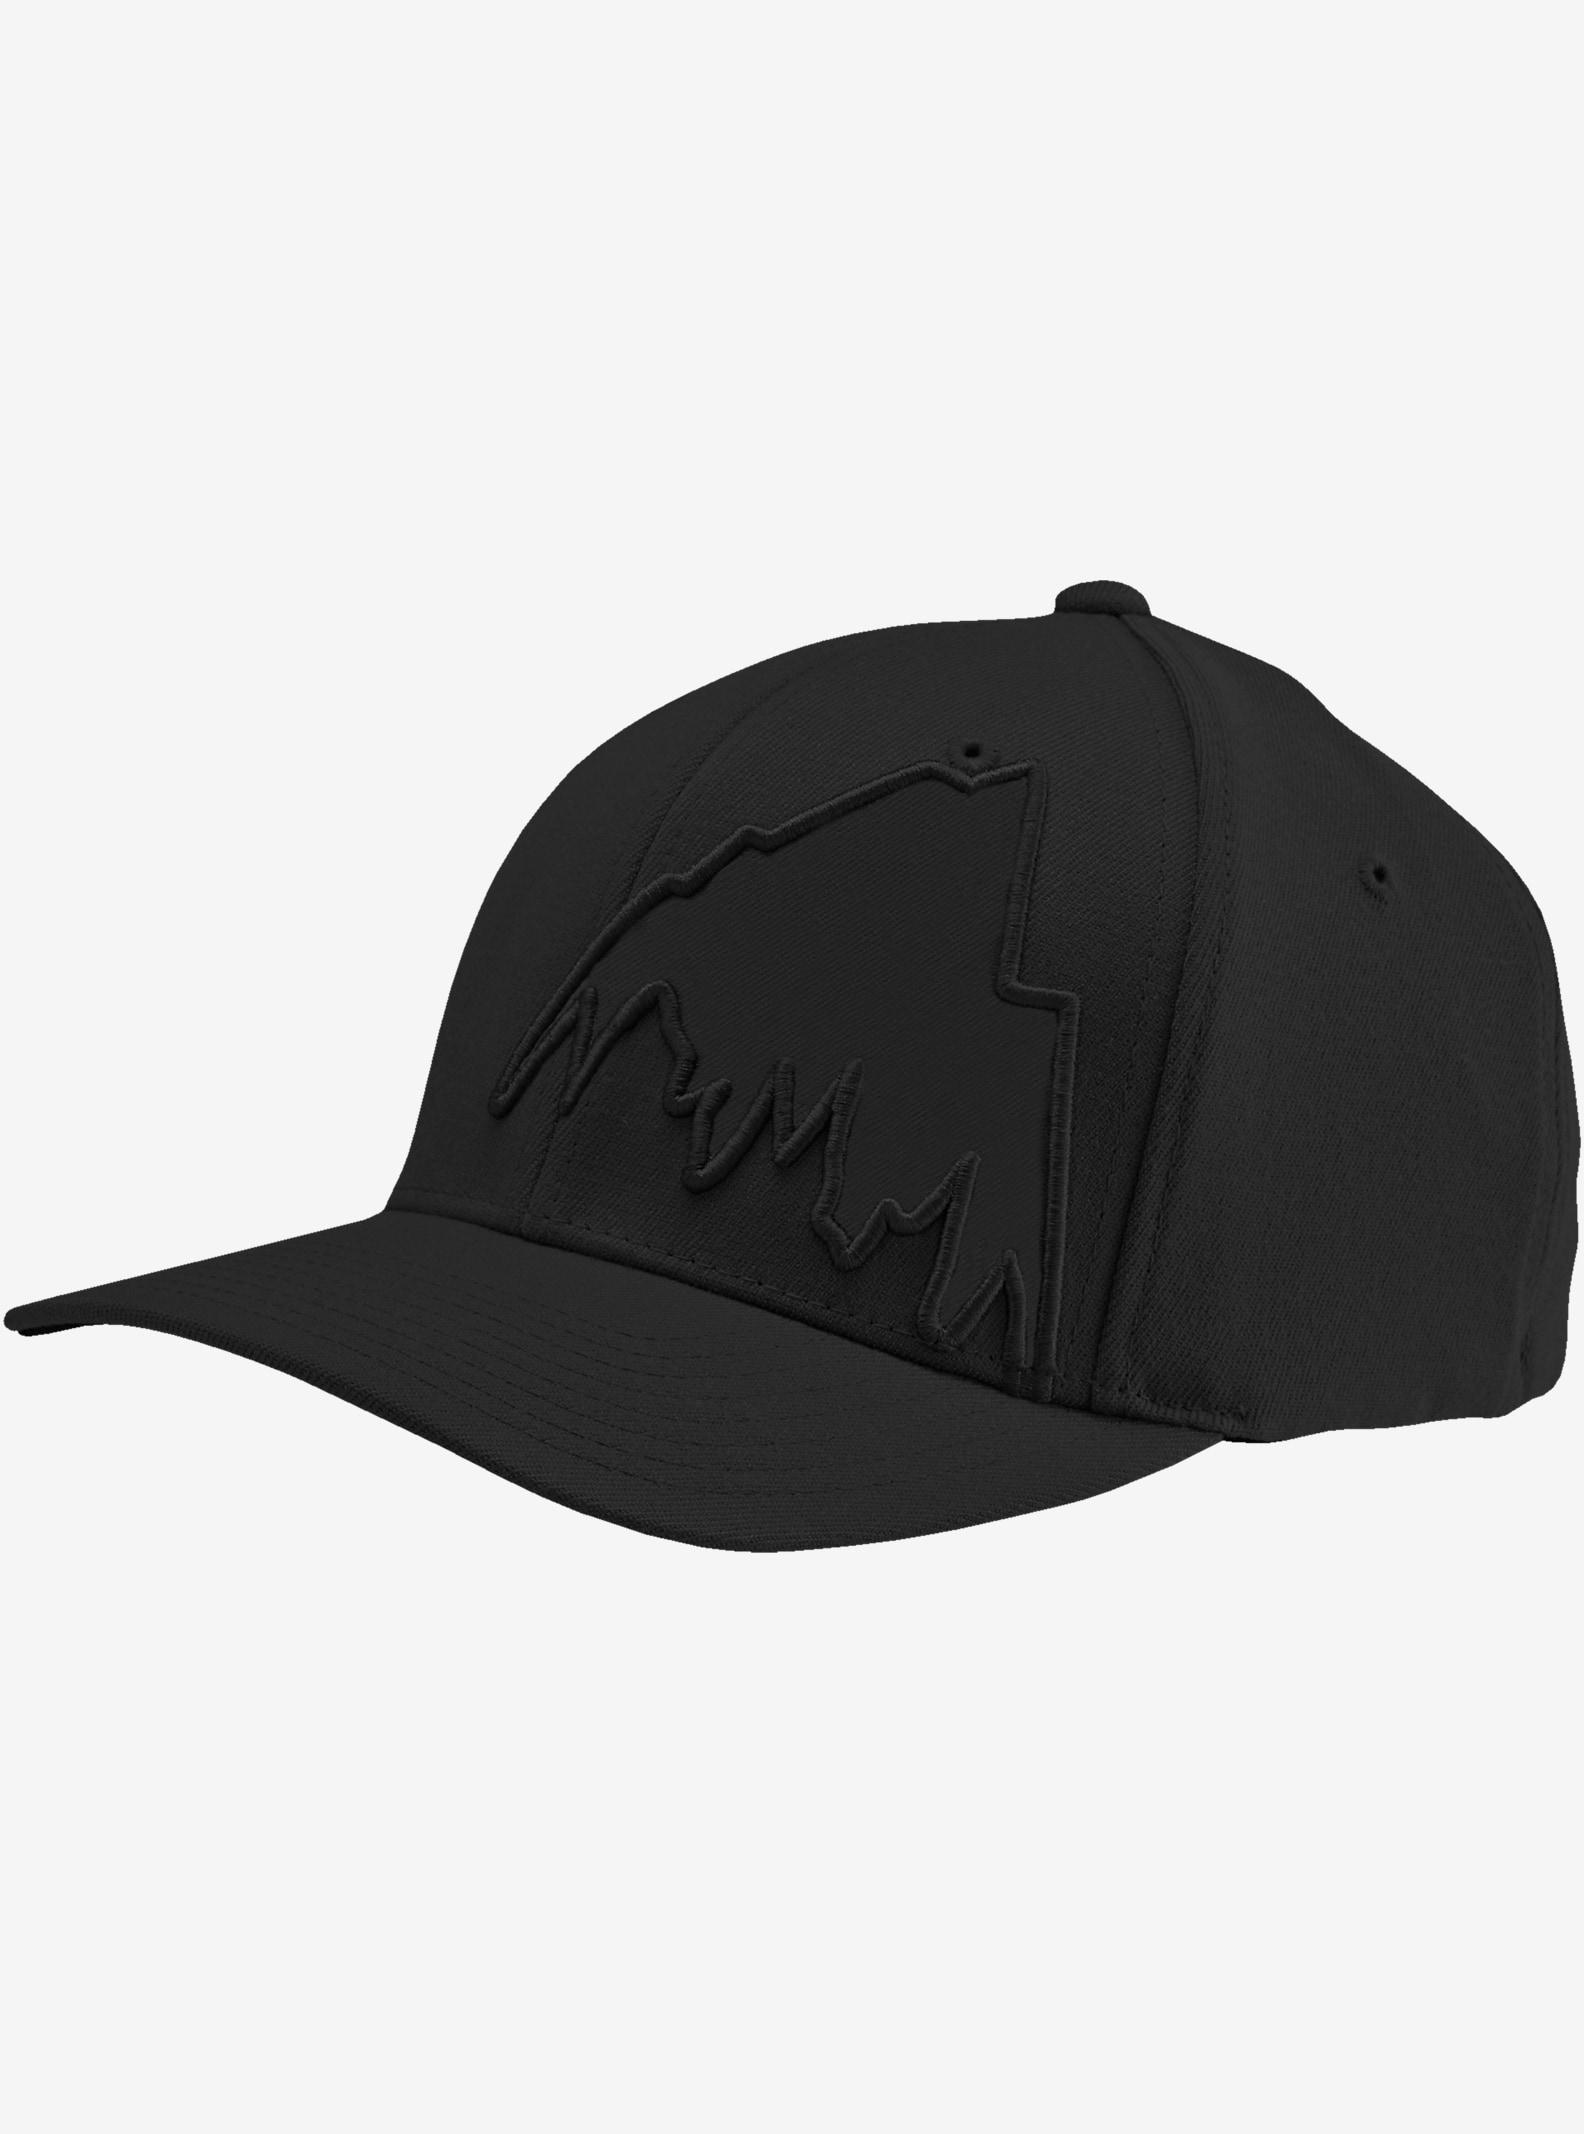 Burton Slidestyle MTN Flex Fit Hat shown in True Black